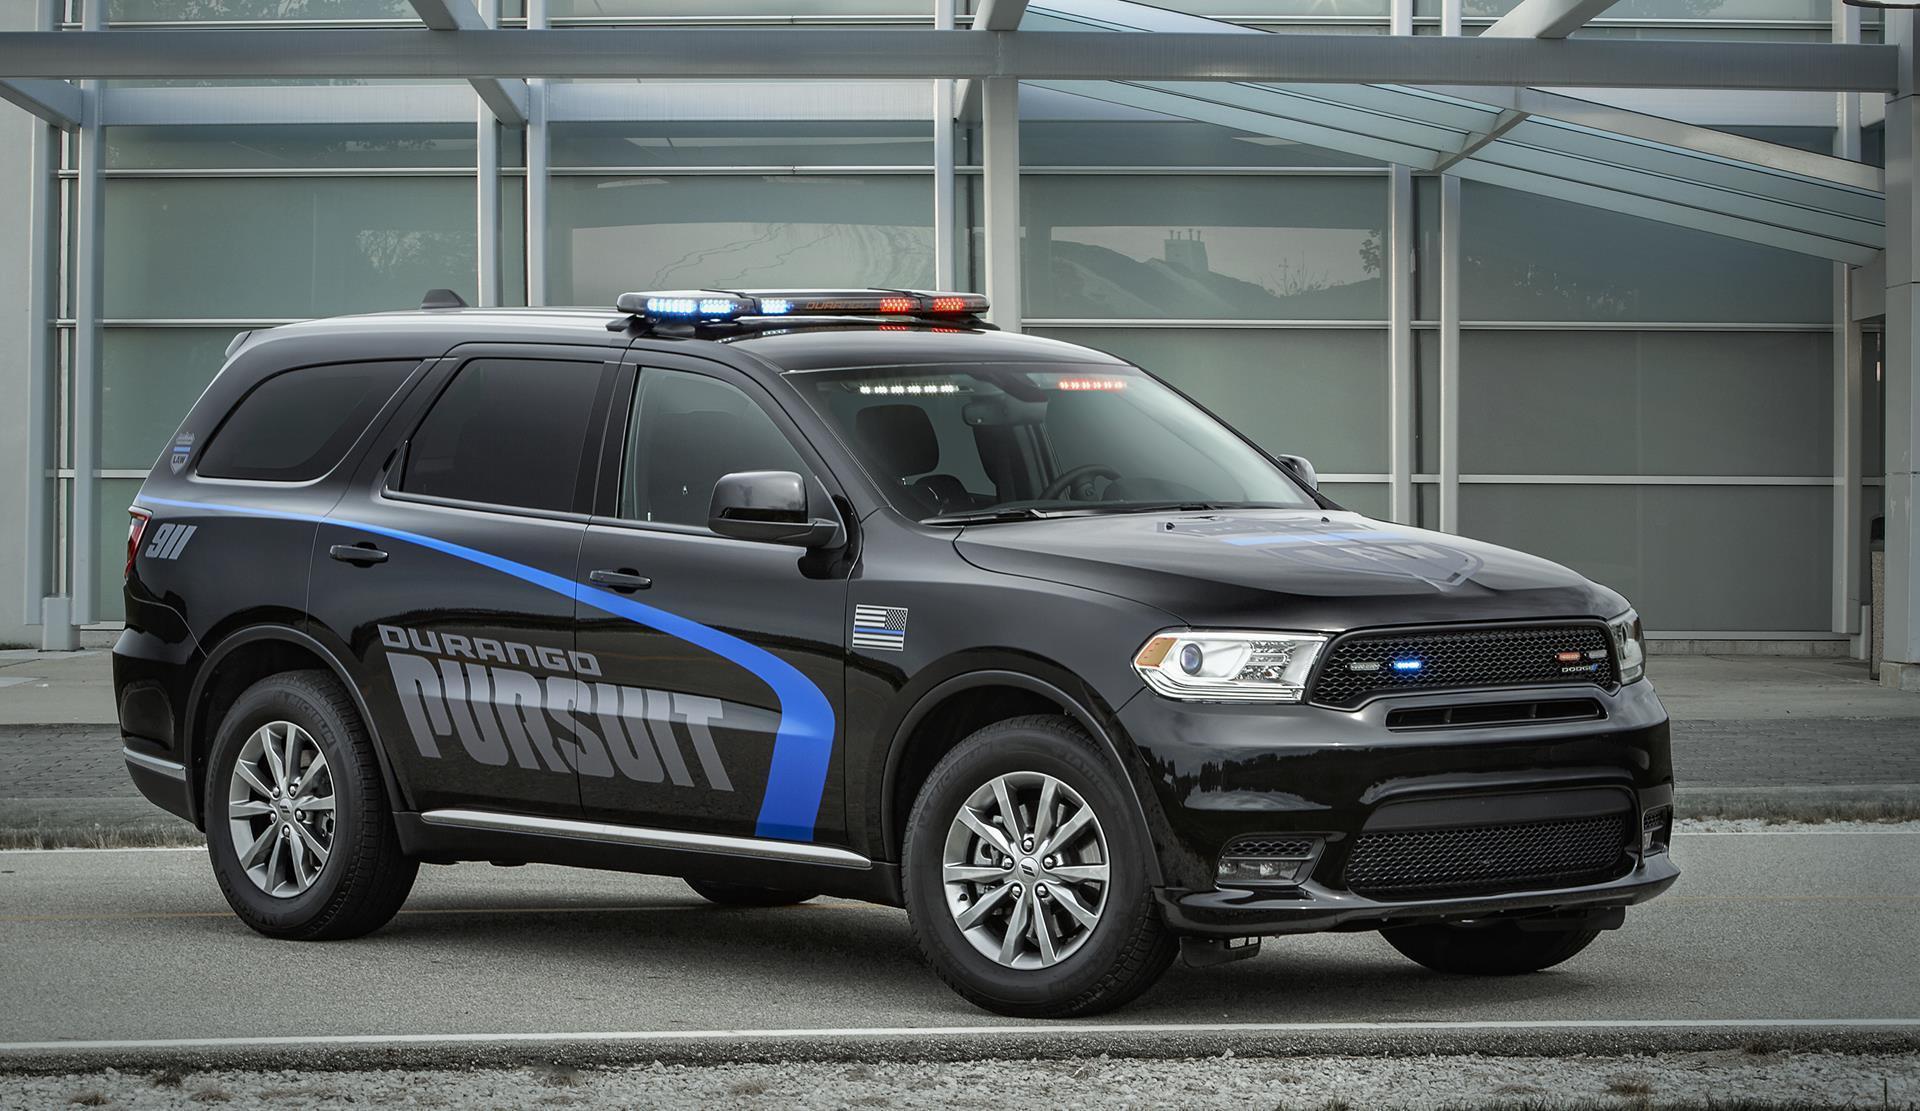 2019 Dodge Durango Police Pursuit News And Information Com